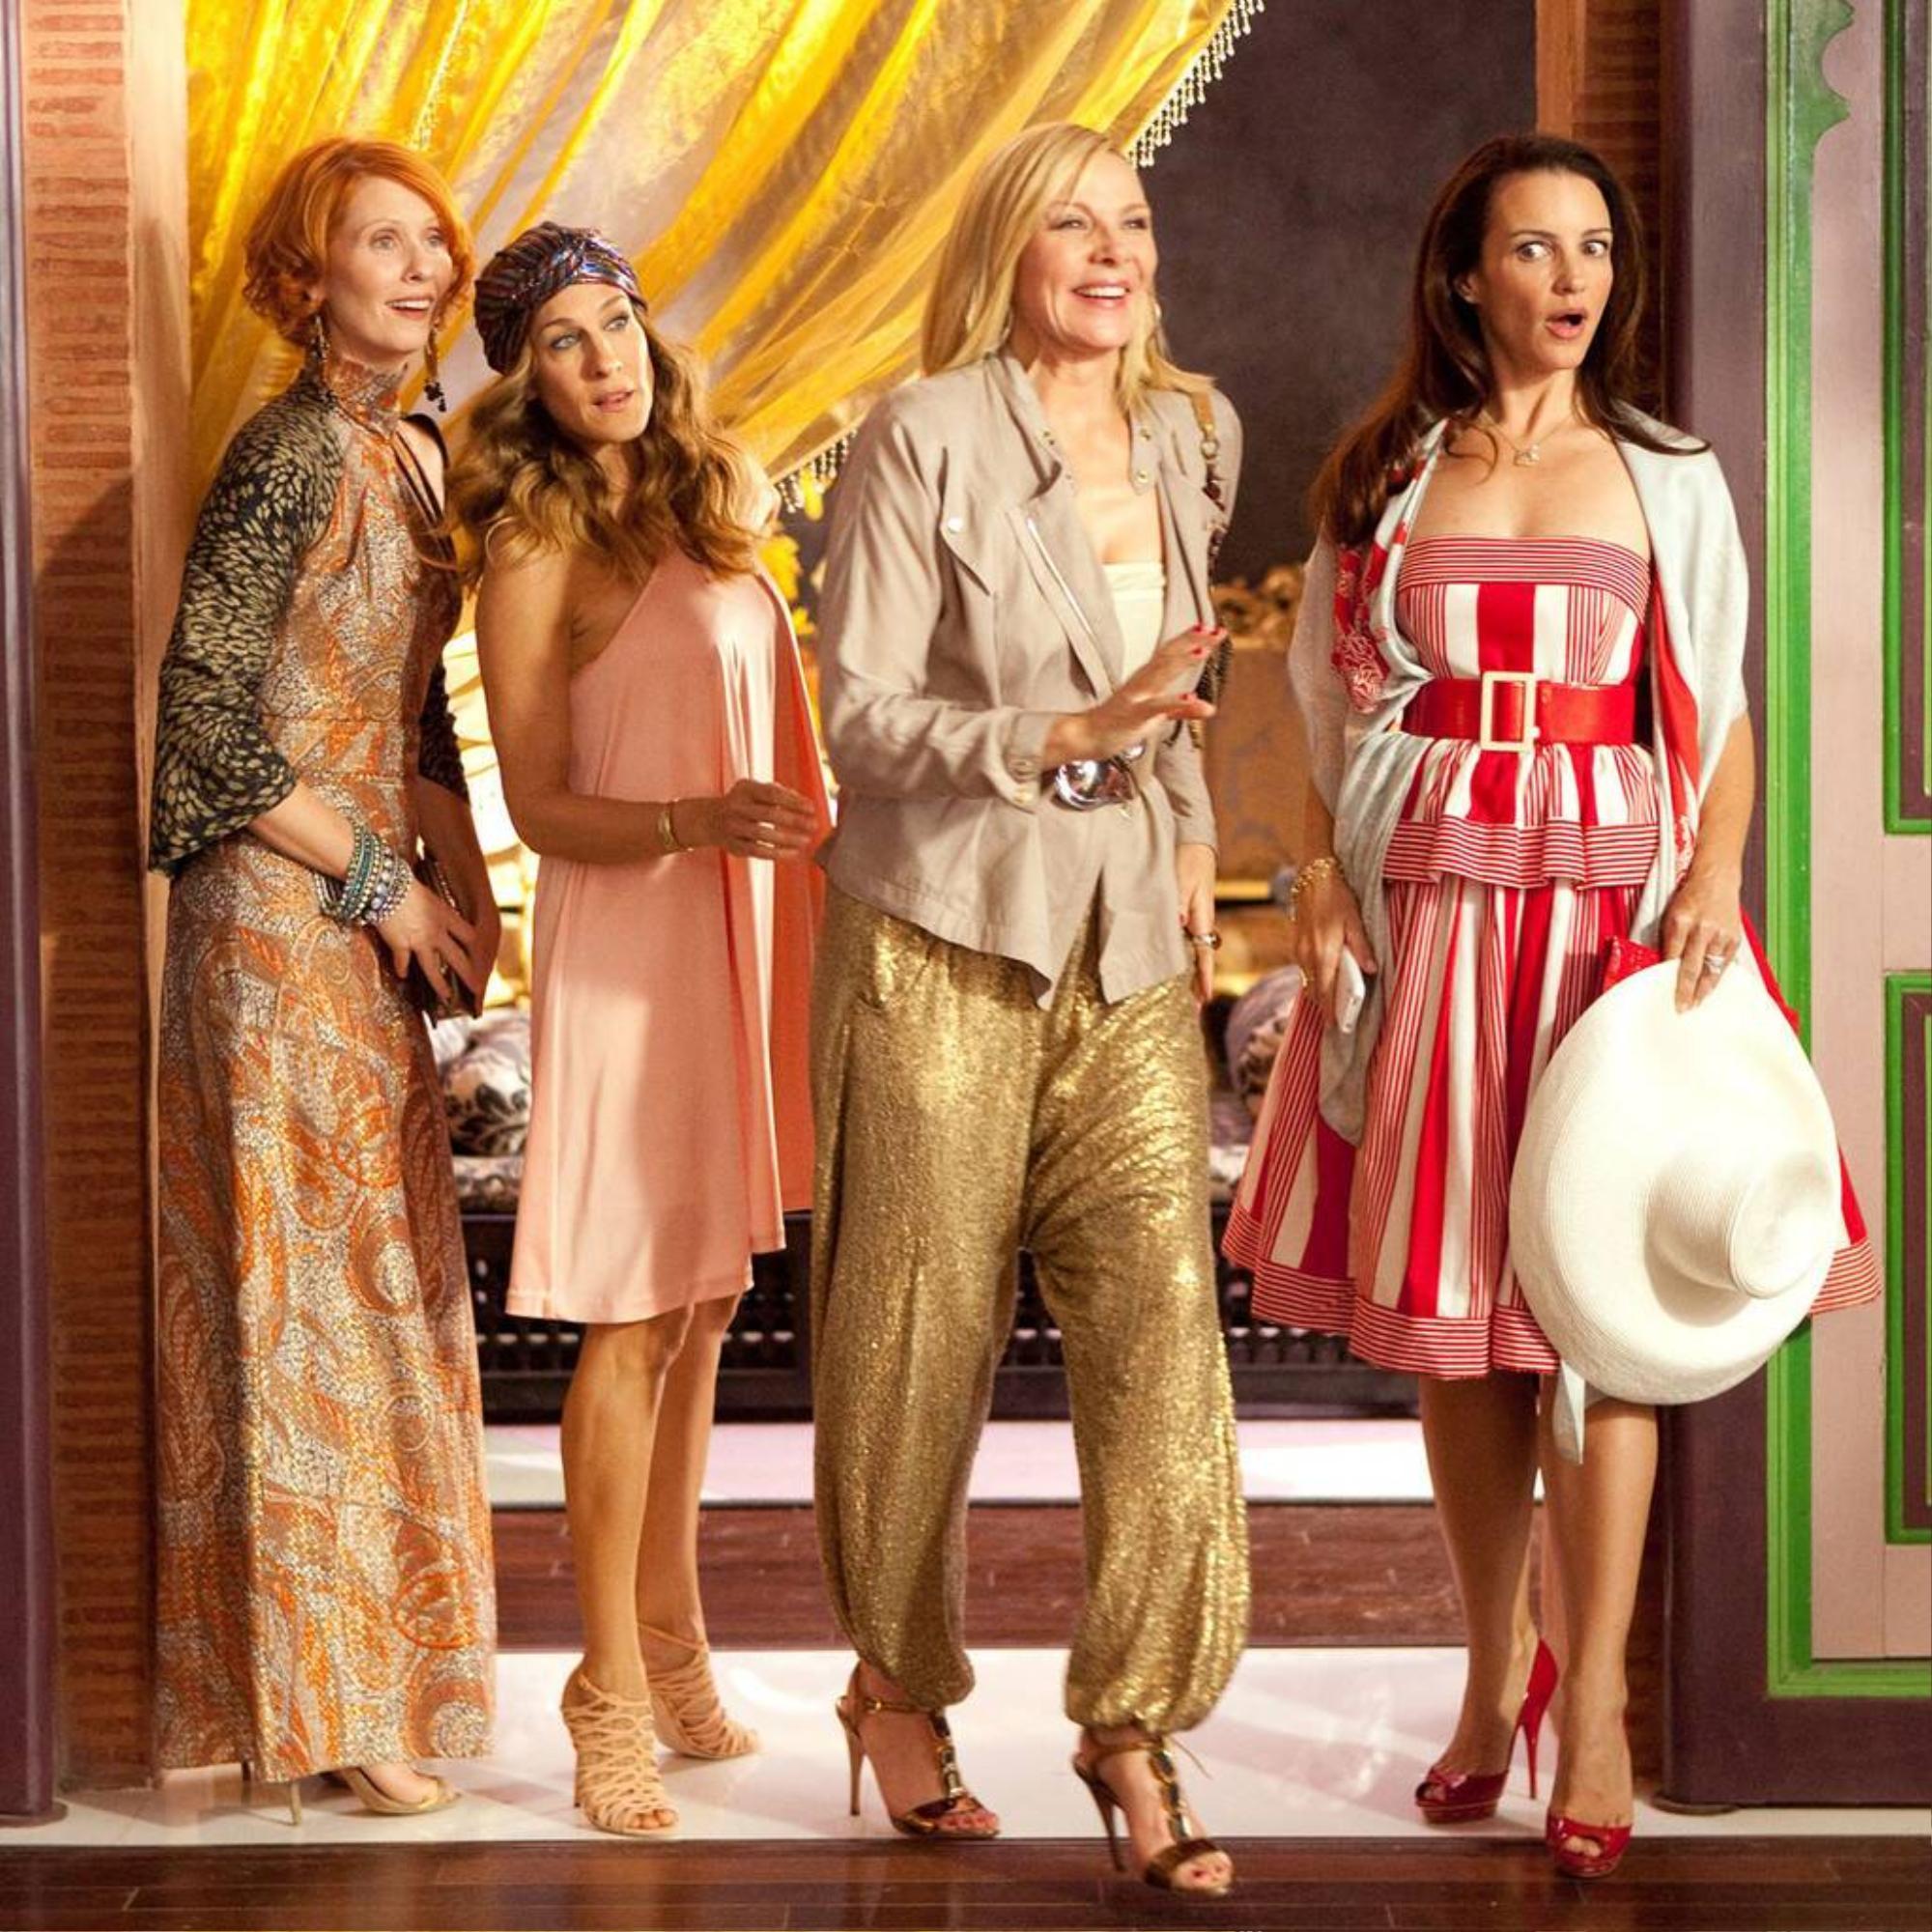 Những bộ phim có thời trang siêu đẹp, liệu đúng với ngoài đời thật? Ảnh 15